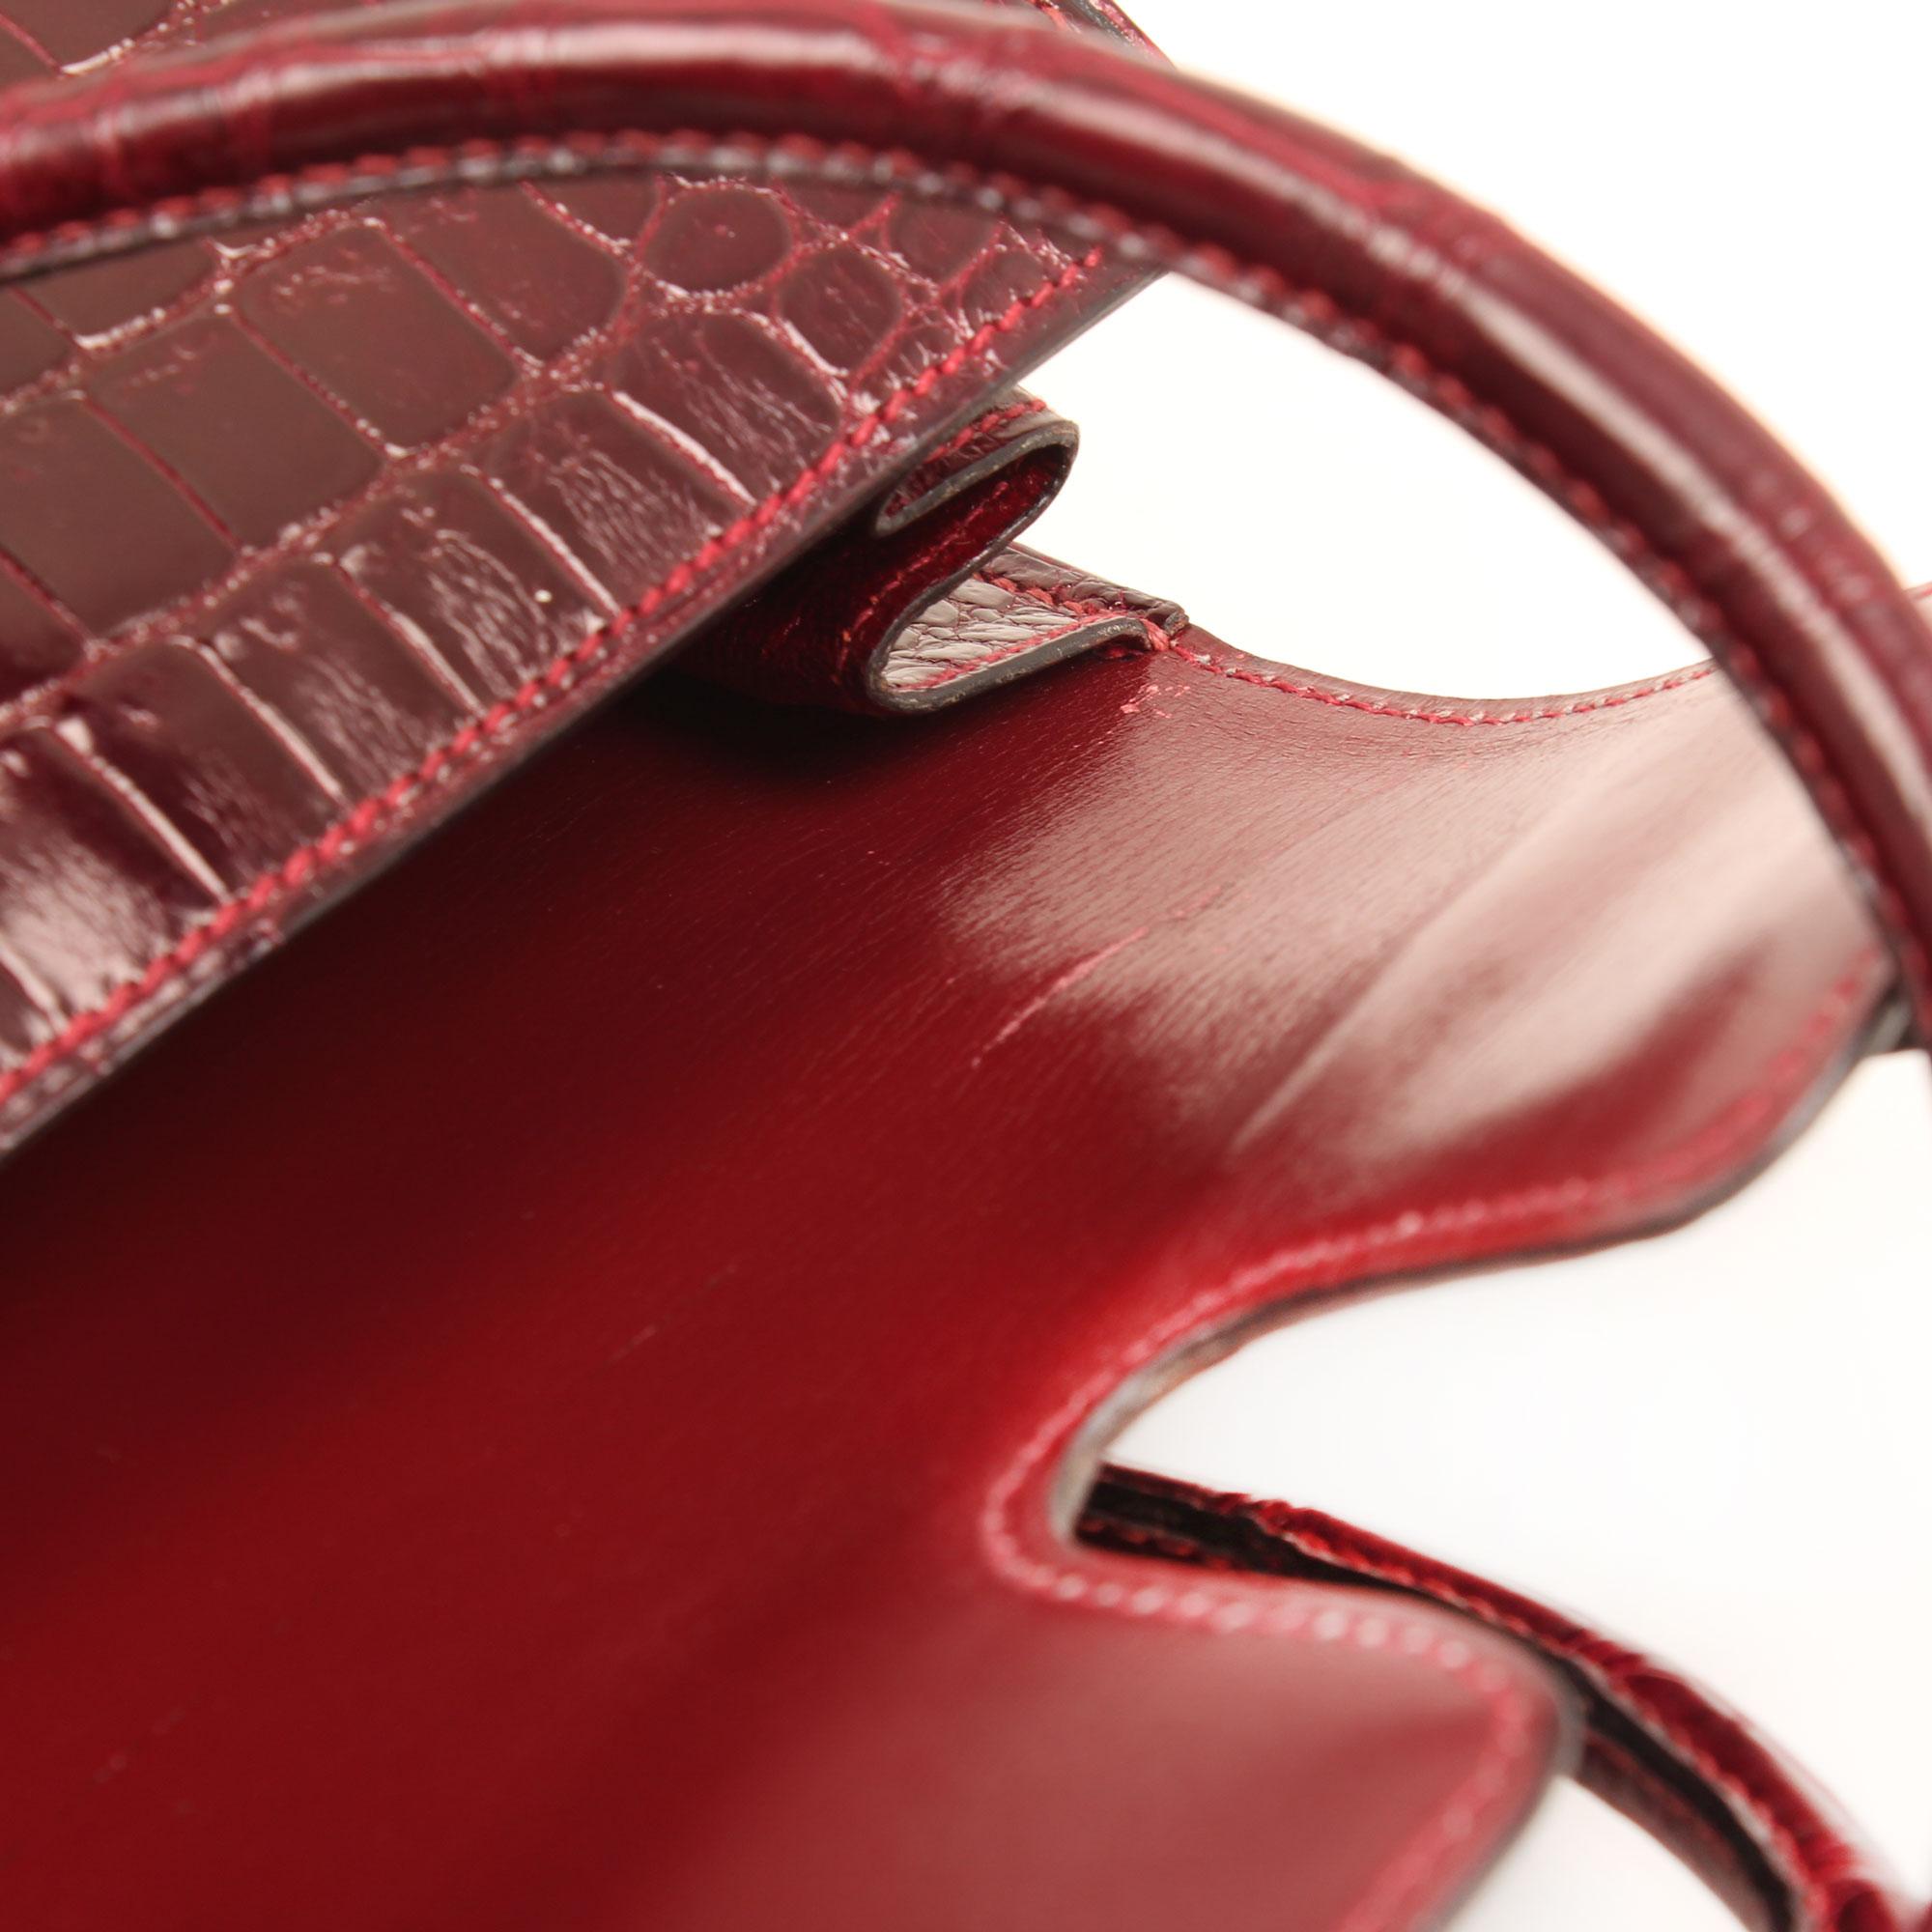 Imagen del defecto del bolso hermes drag vintage cocodrilo poroso color frambuesa